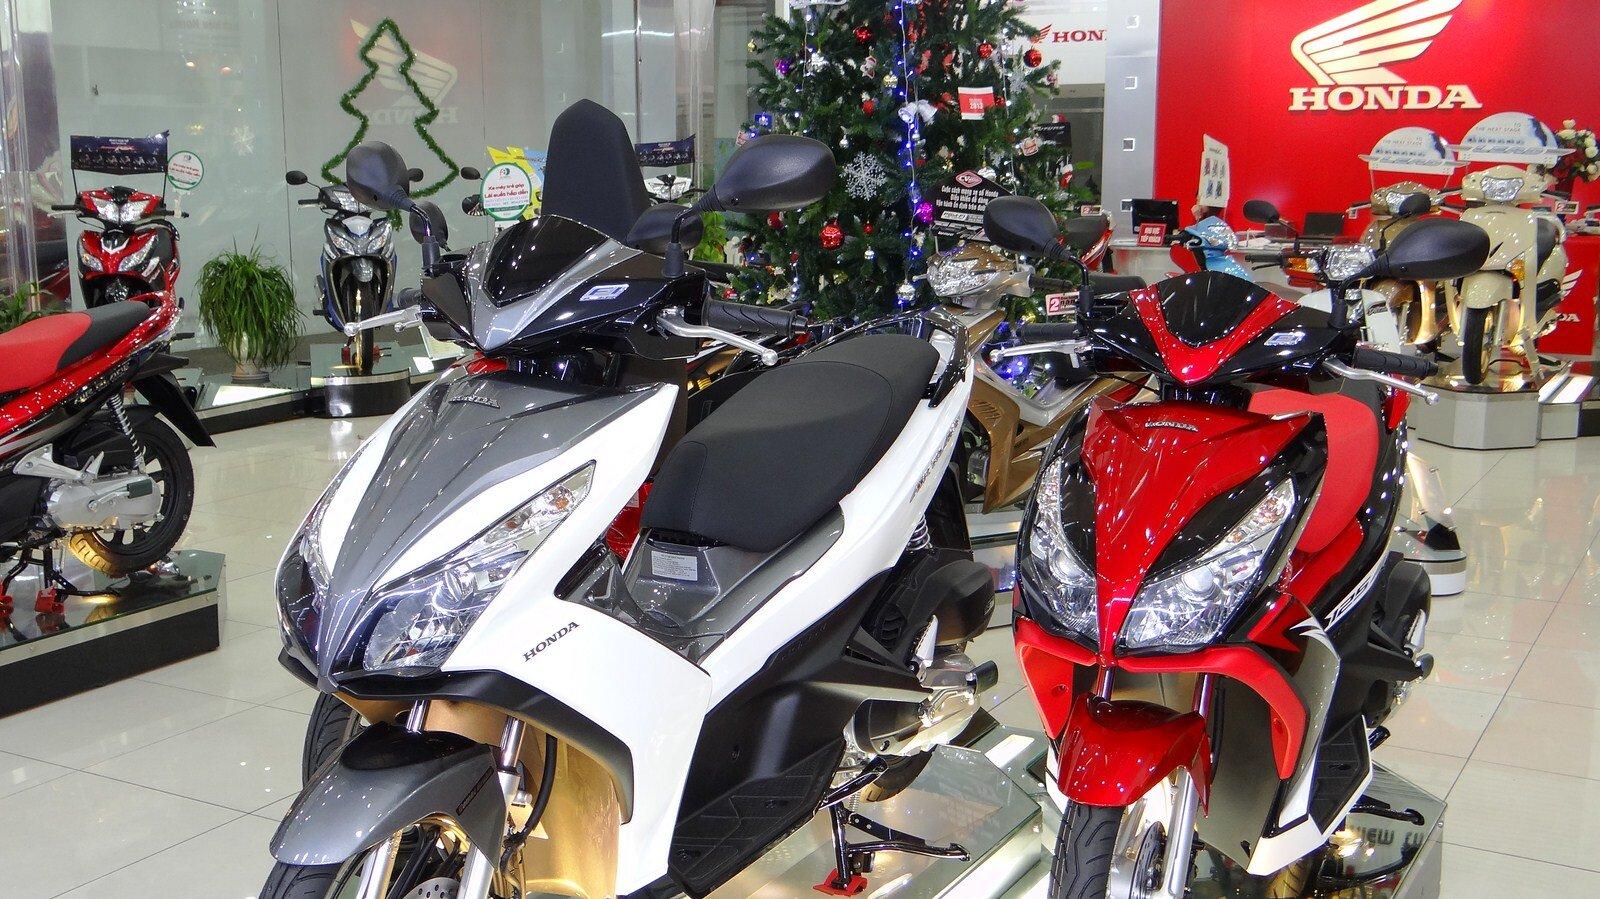 Mua xe máy Honda ở đâu giá rẻ như giá công bố?